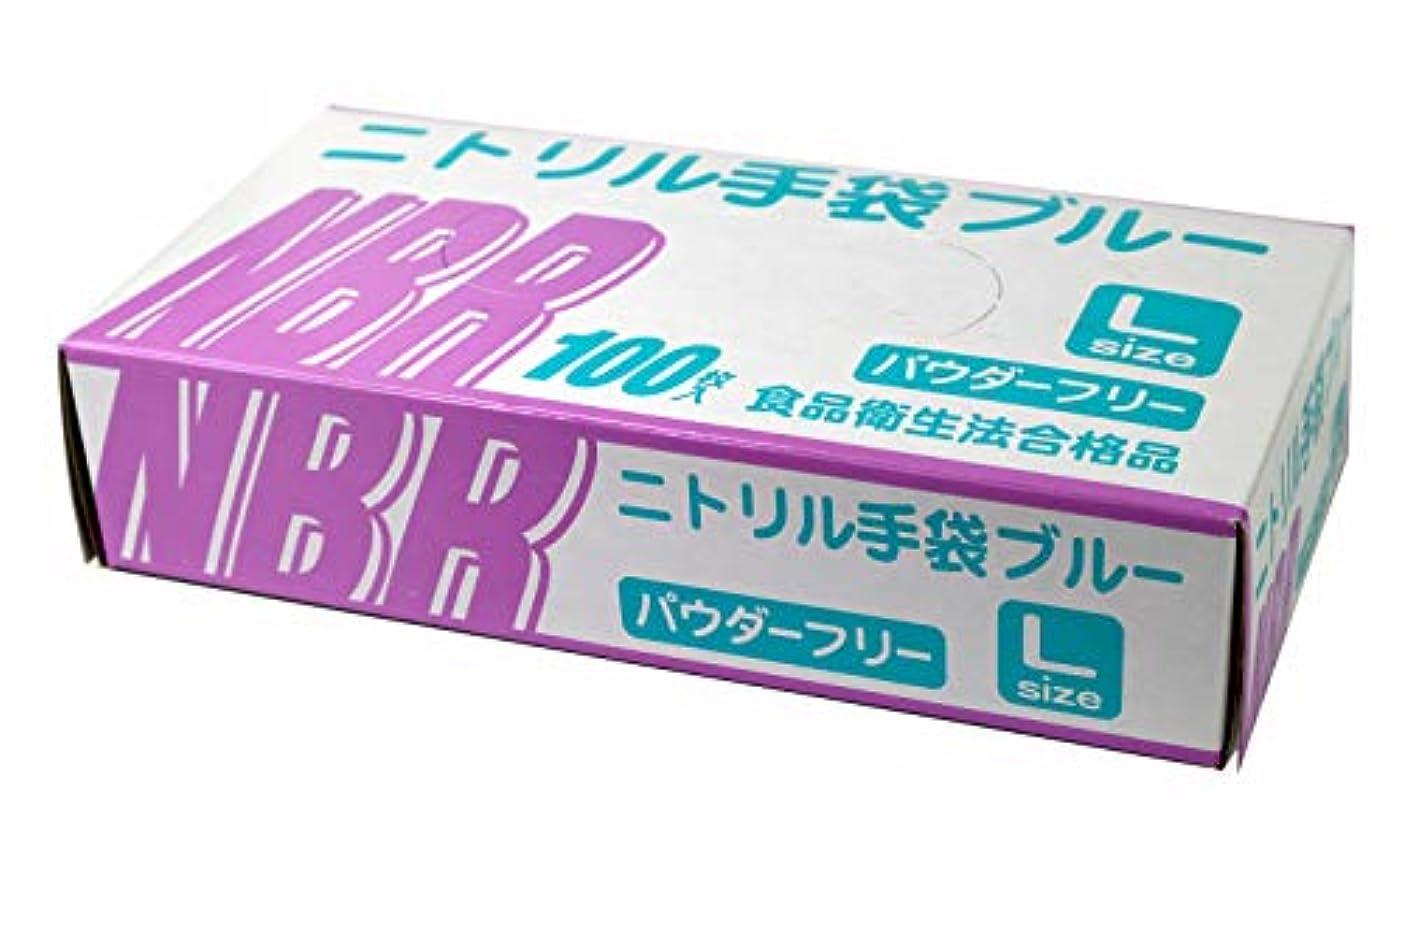 目を覚ます統計的断言する使い捨て手袋 ニトリルグローブ ブルー 食品衛生法合格品 粉なし(パウダーフリー) 100枚入 Lサイズ 超薄手 100541